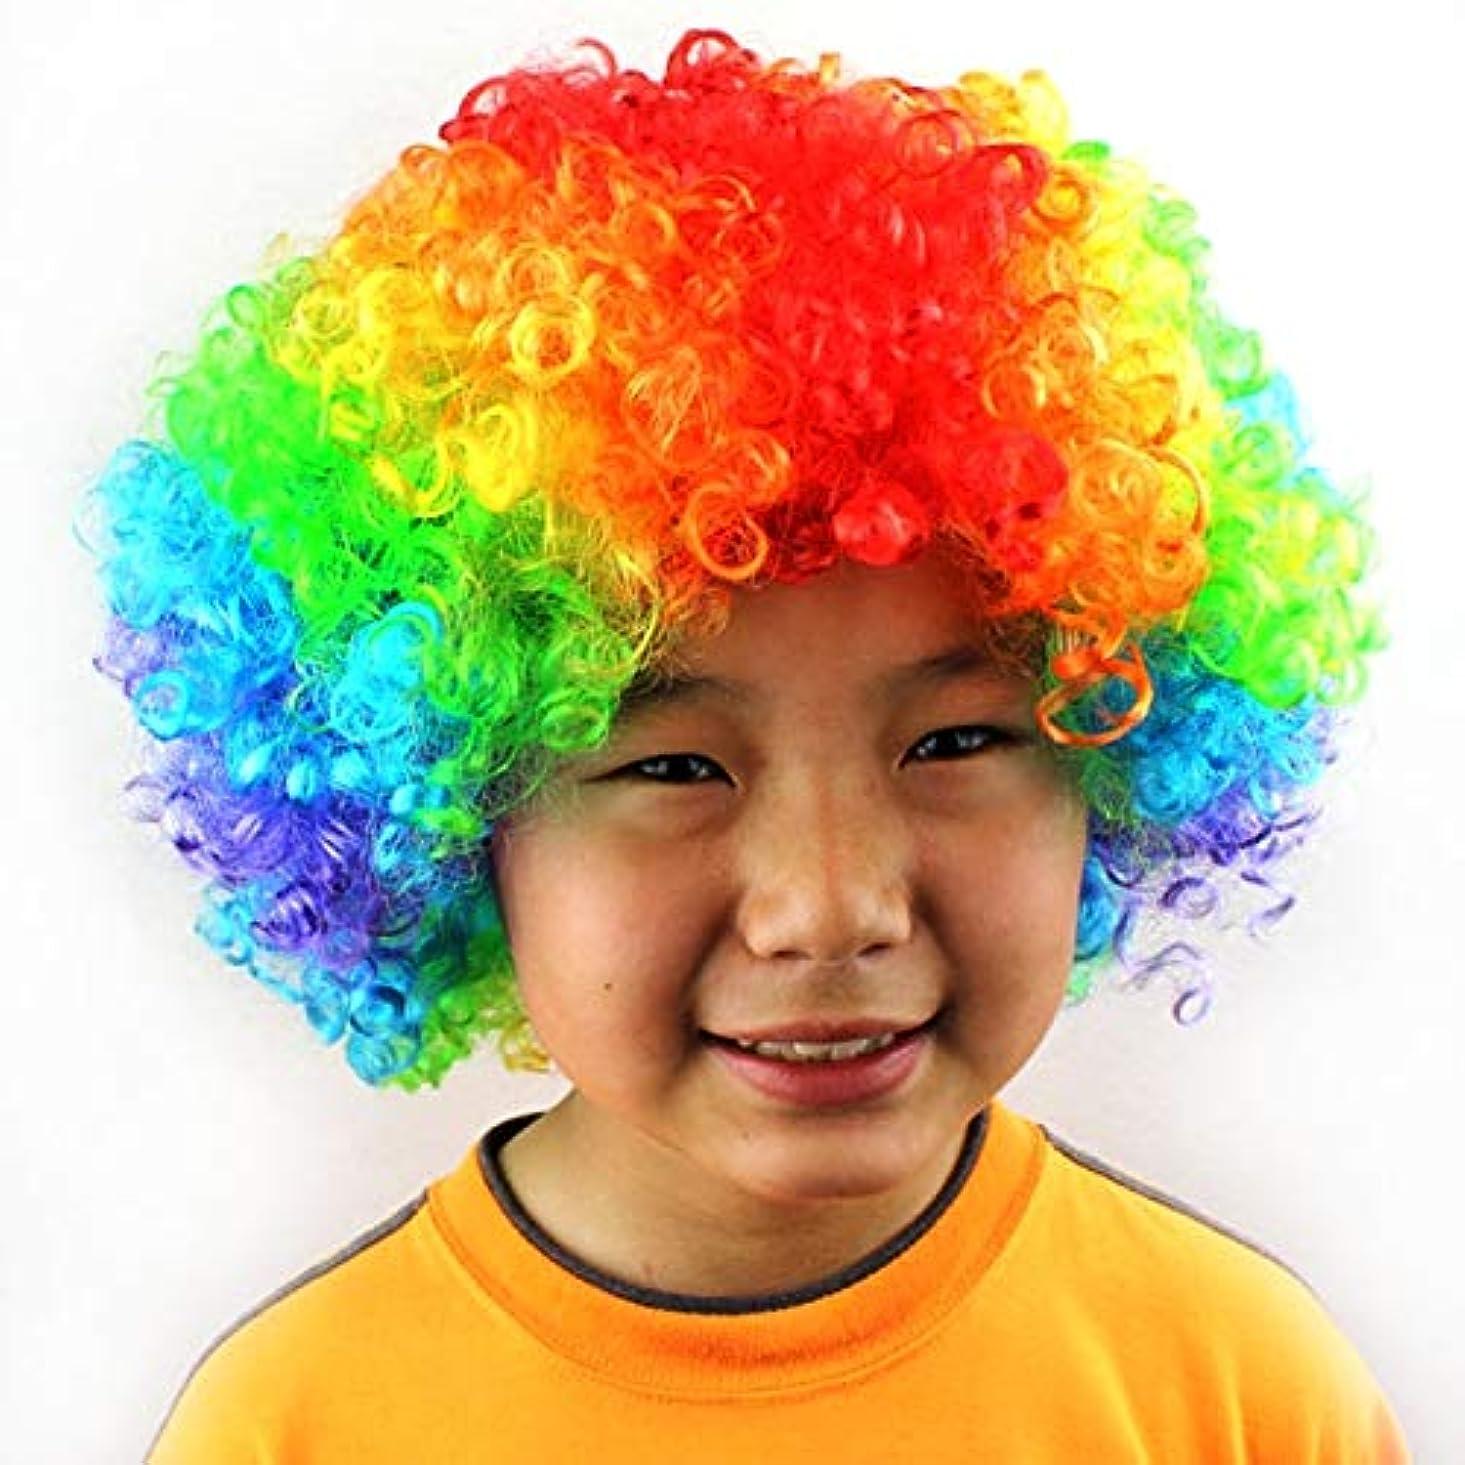 マサッチョポジティブはしごコスプレウィッグ カラフルなワイルドカールアップクラウンパーティーコスプレヘッドウェア波打った短いポリエステル糸大人と子供のためのかつらを作った (色 : Iridescence)